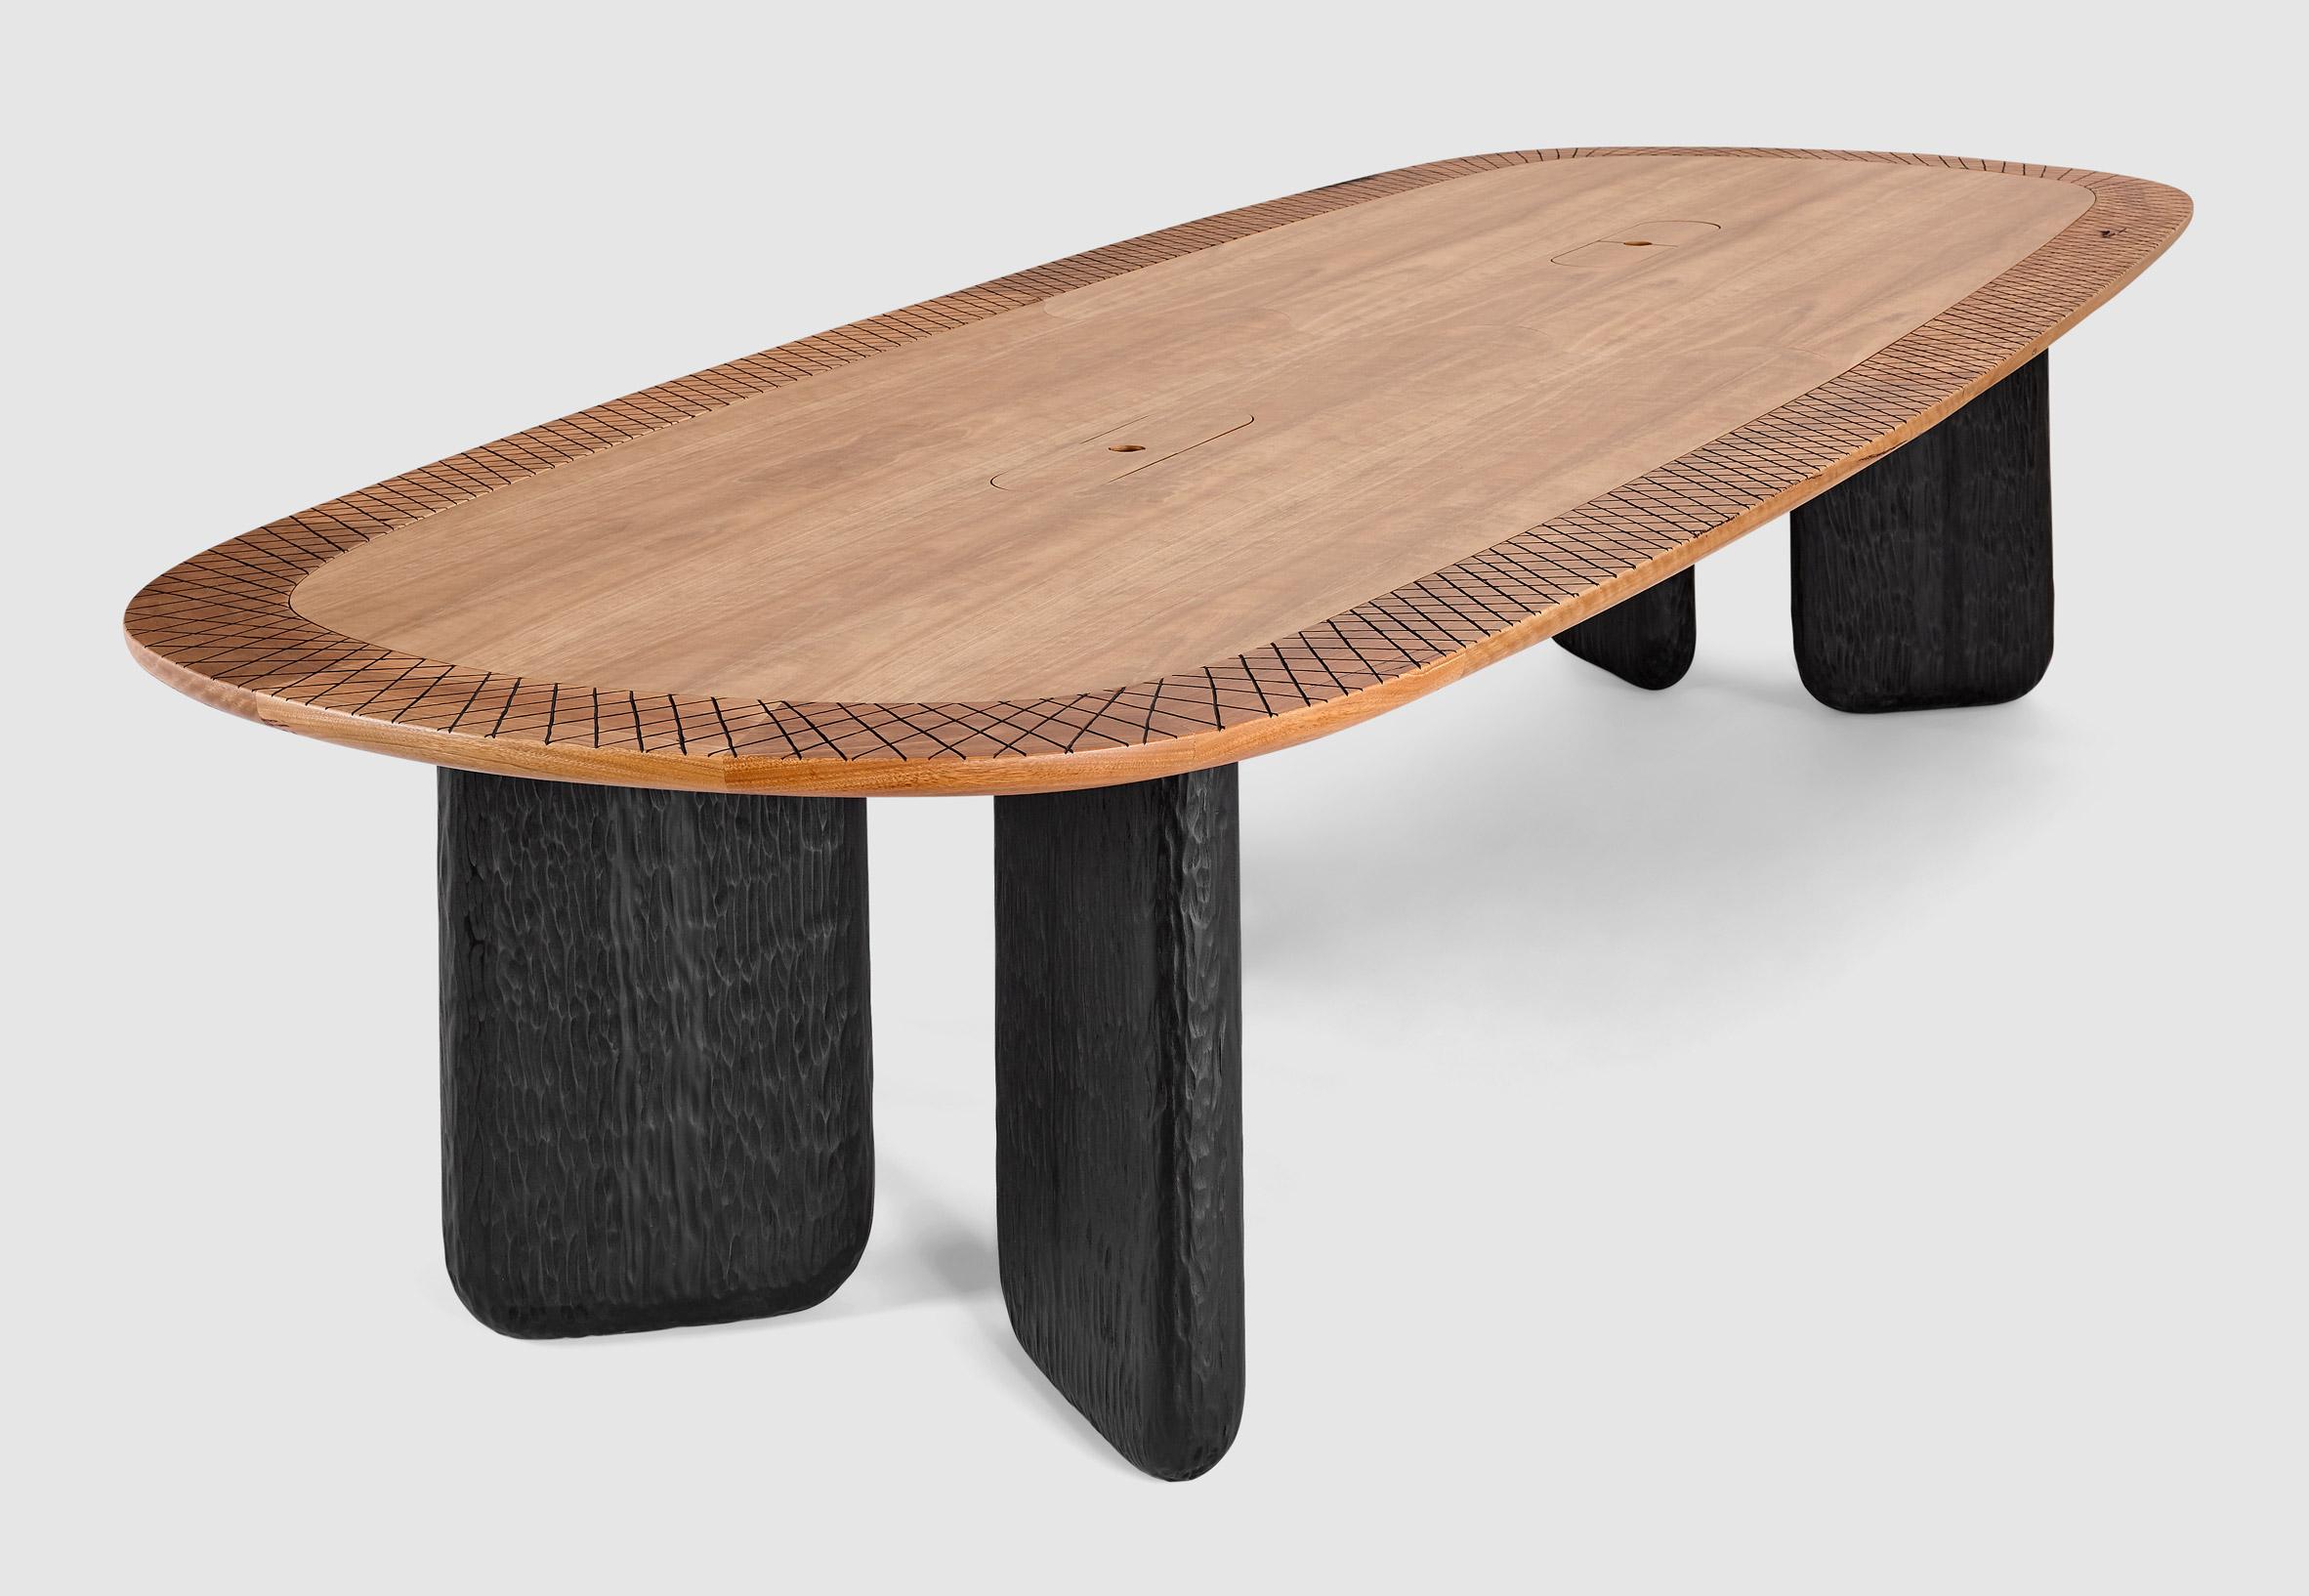 Manapan and Foolscap Studio's Gulnura Table